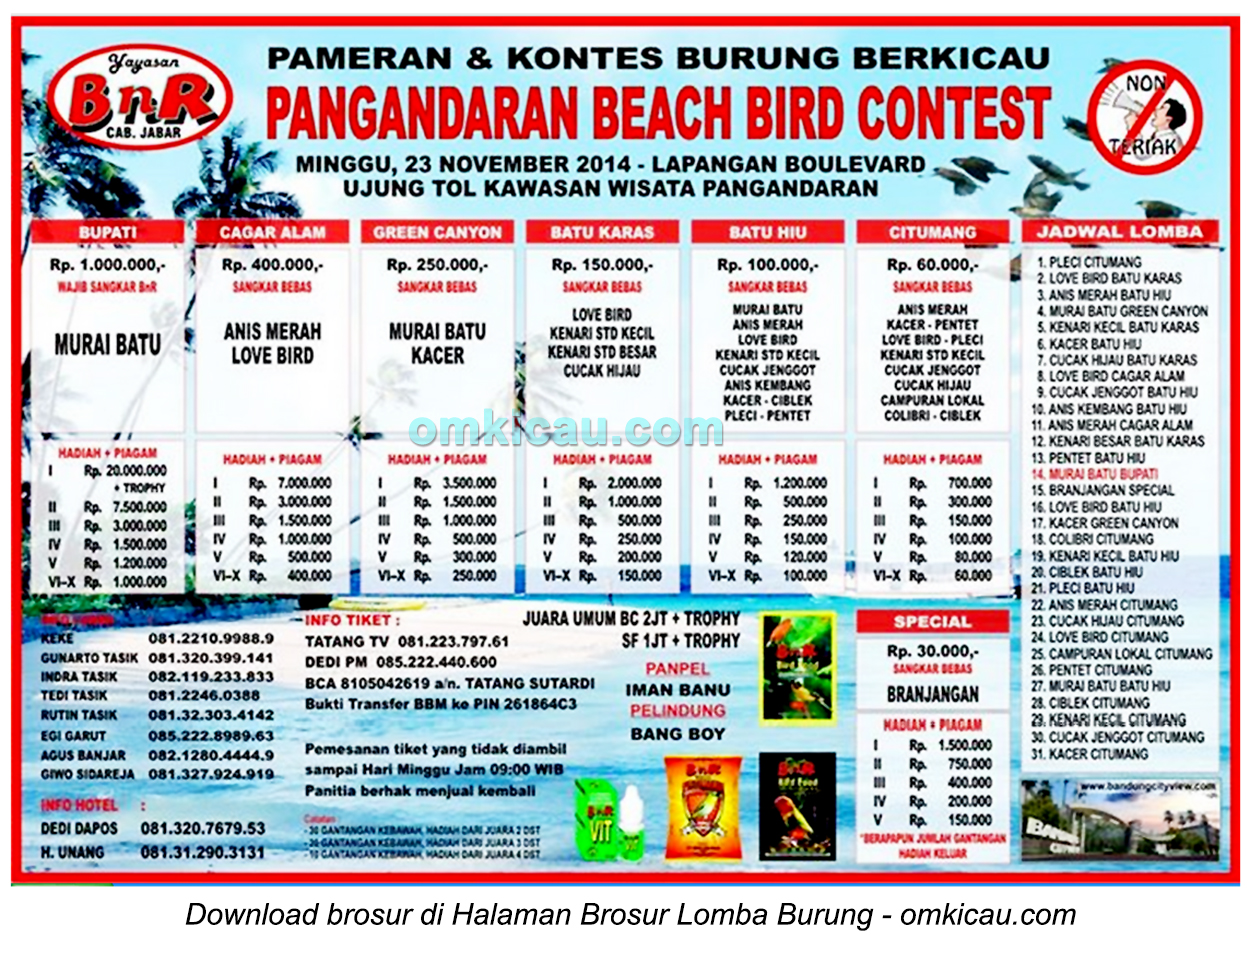 Brosur Lomba Burung Pangandaran Beach Bird Contest, Pangandaran, 23 November 2014